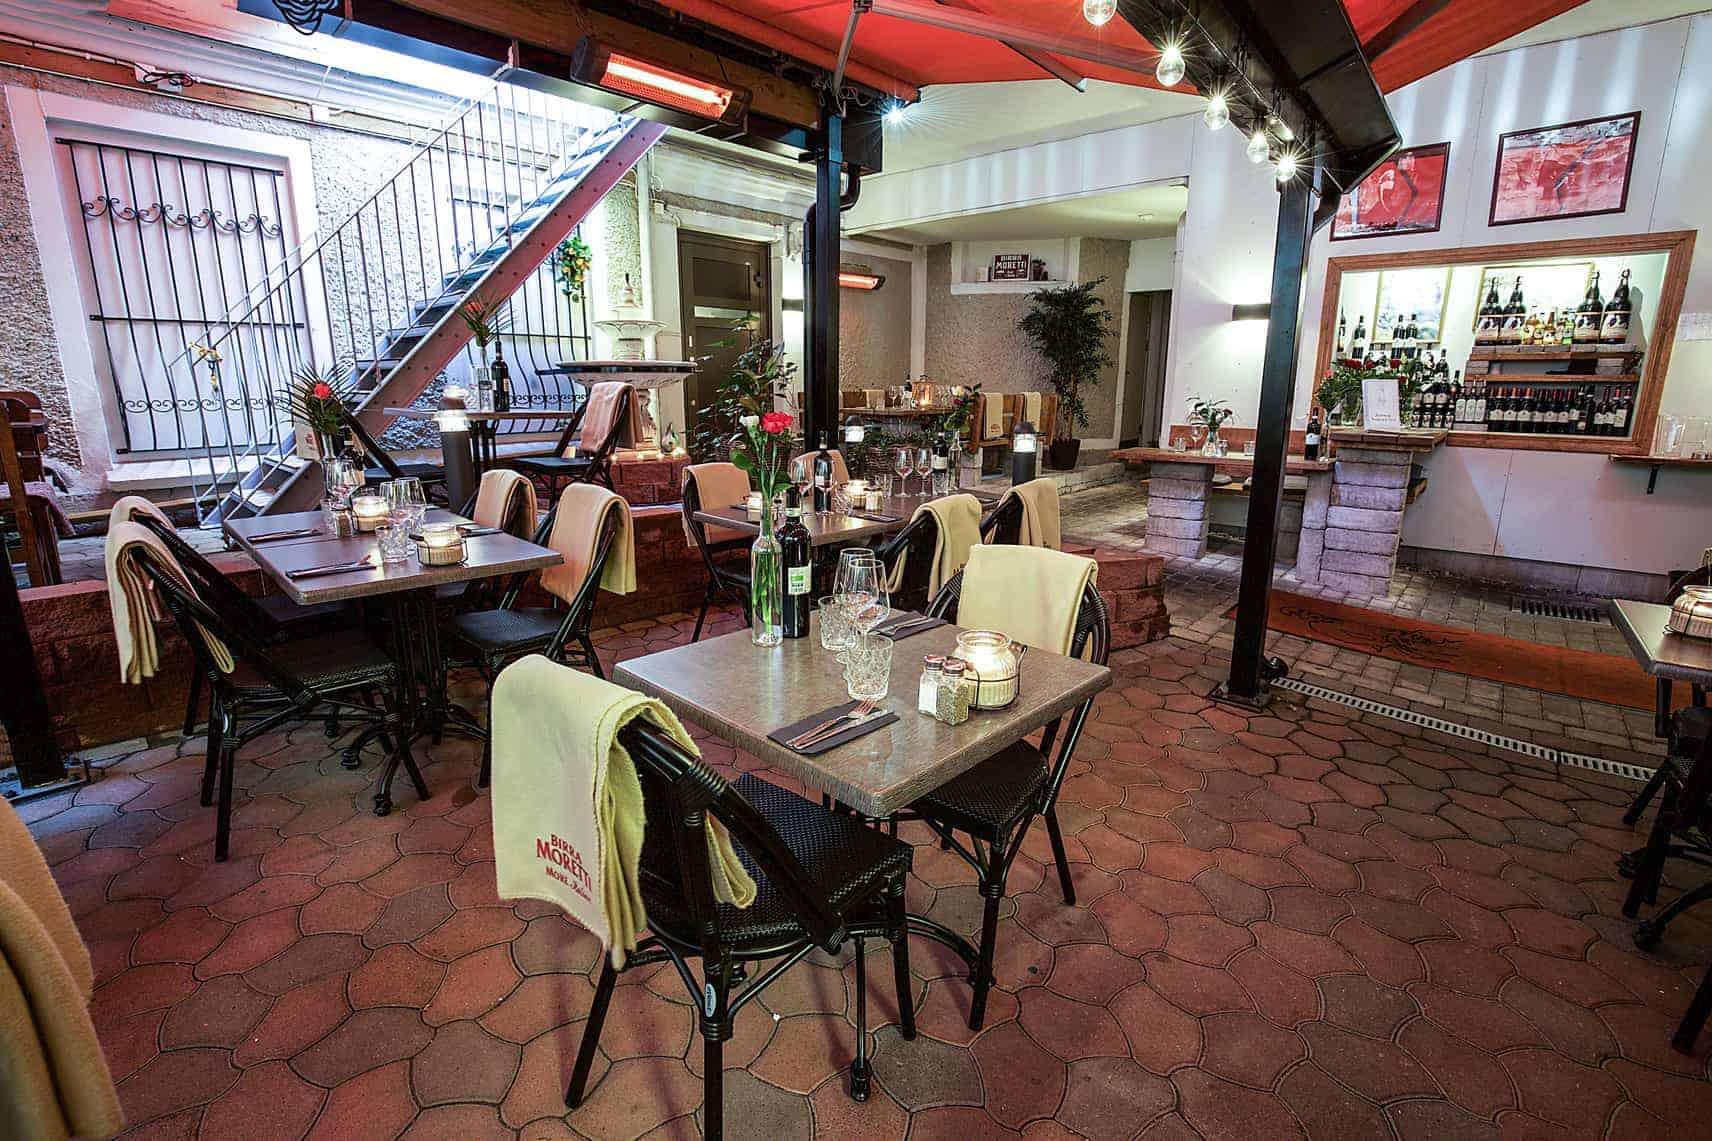 Mysig italiensk restaurang Göteborg